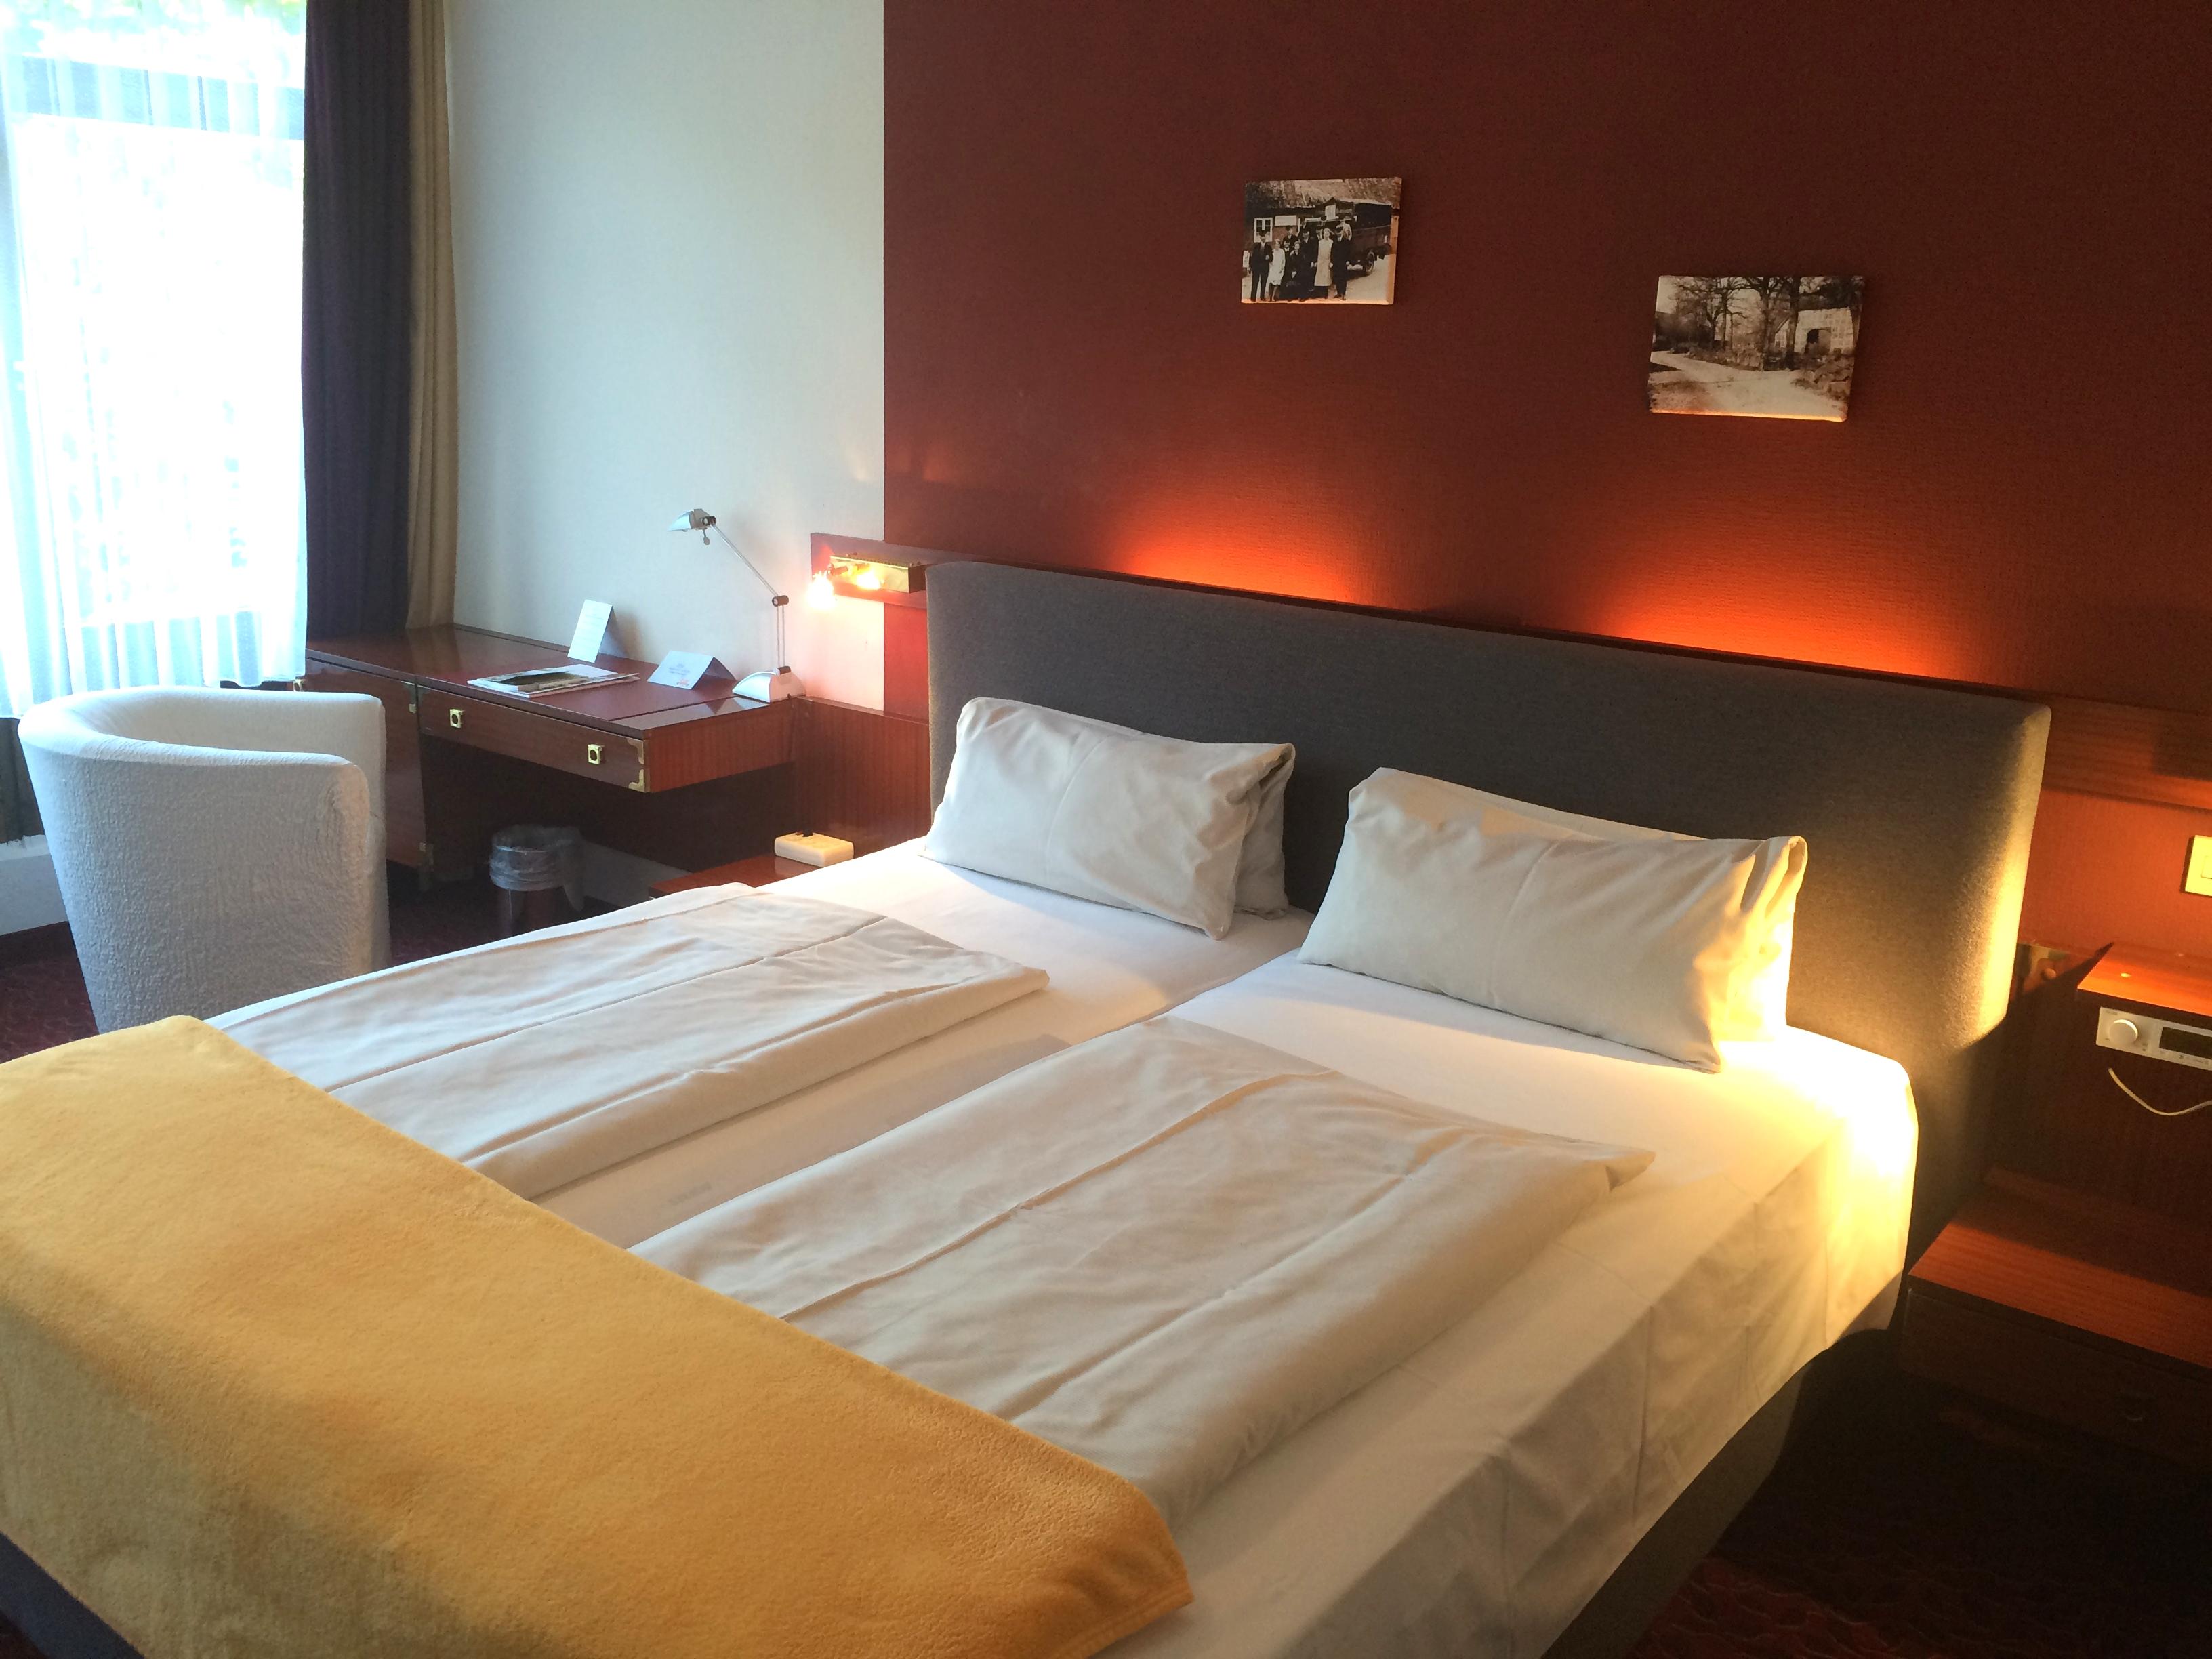 Großes Doppelbett vor einer roten Wand